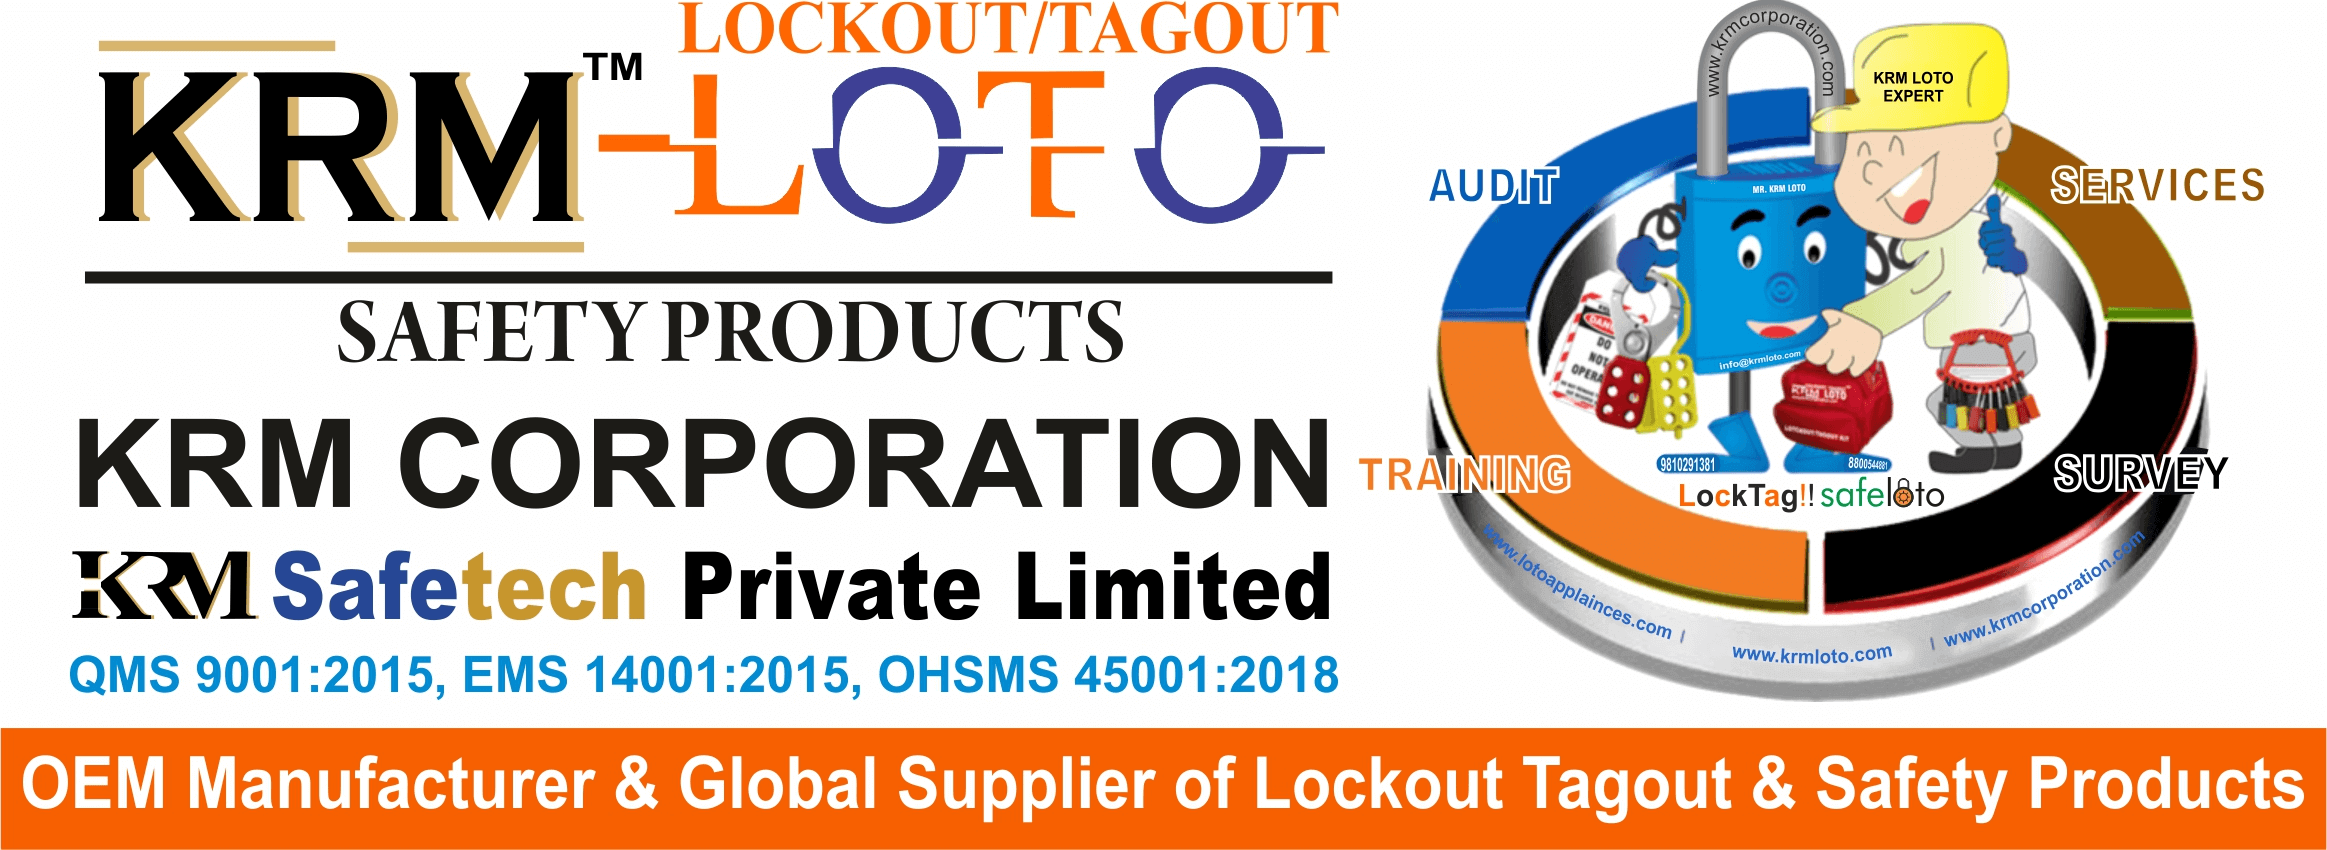 +91 9810291381 | info@krmcorporation.com, info@krmloto.com